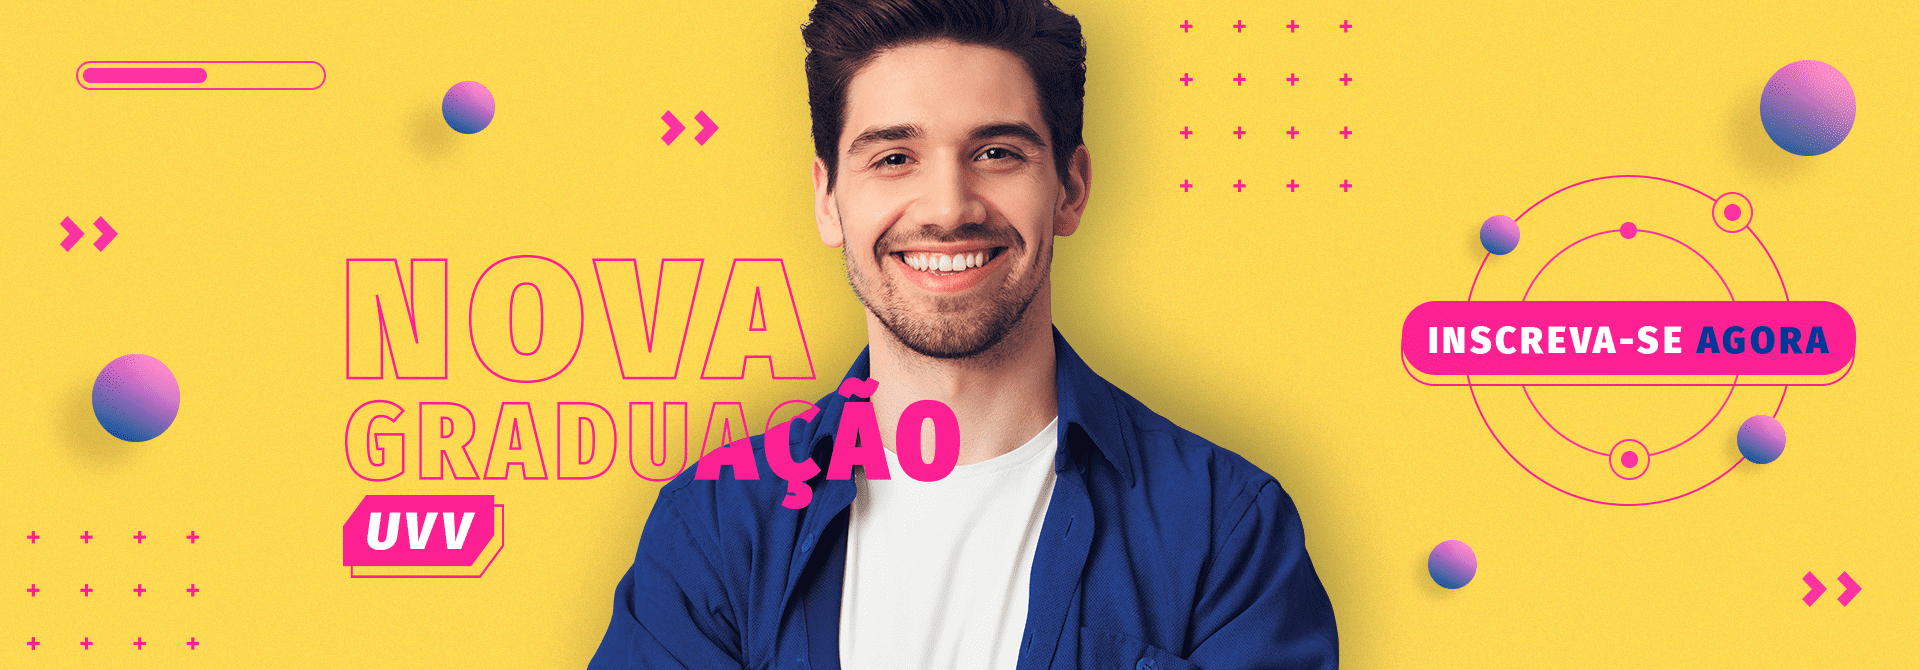 Faça uma nova graduação na UVV. Inscreva-se em www.uvv.br.